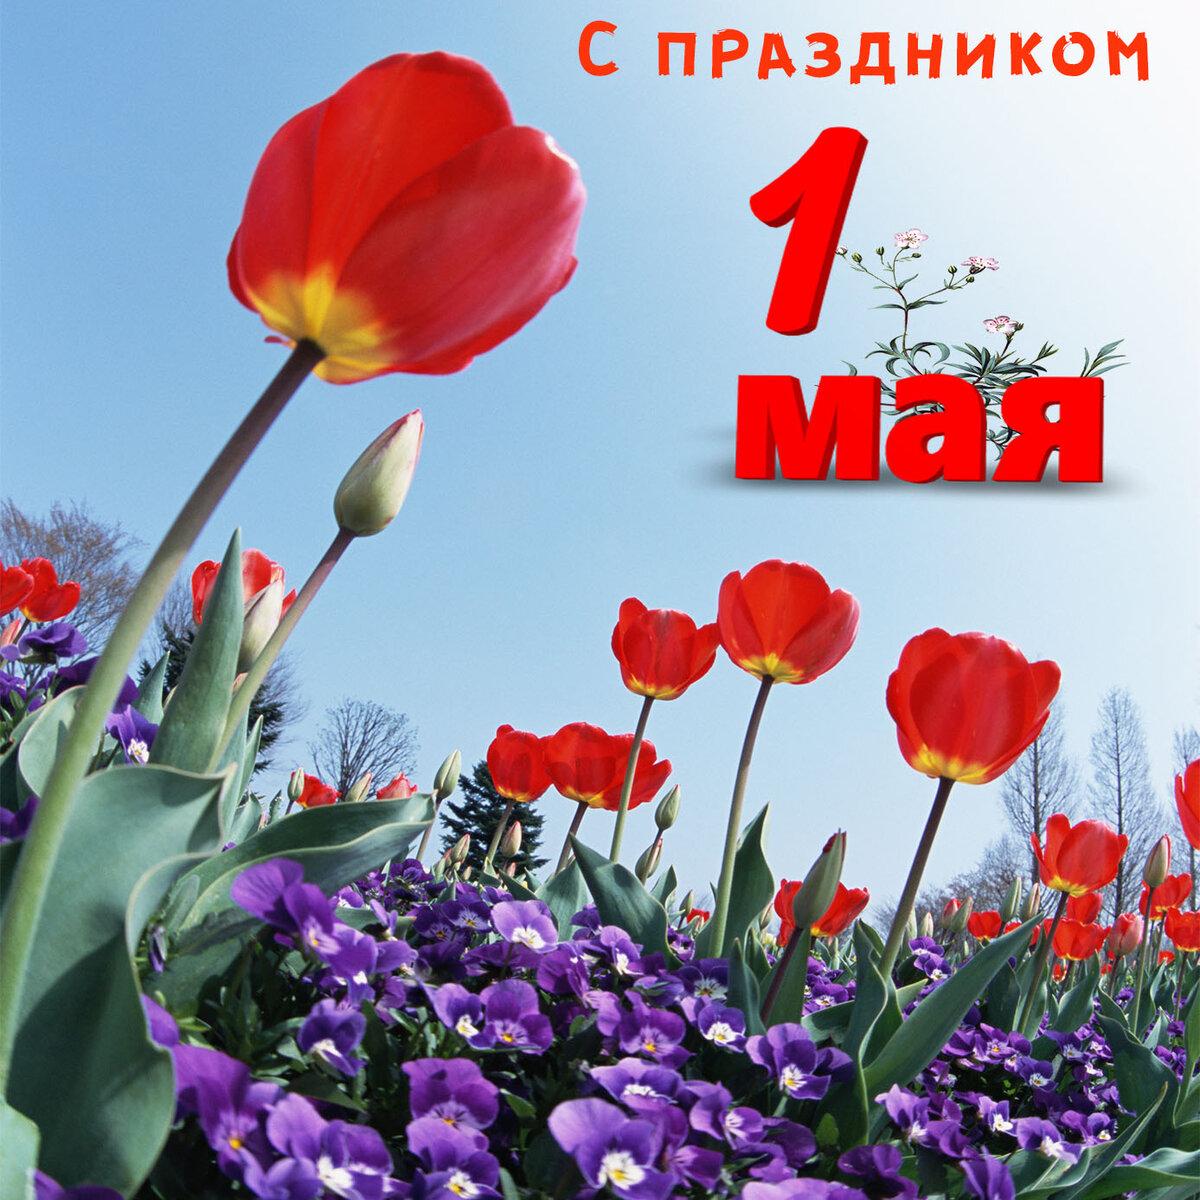 Картинки с предпраздничным днем 1 мая